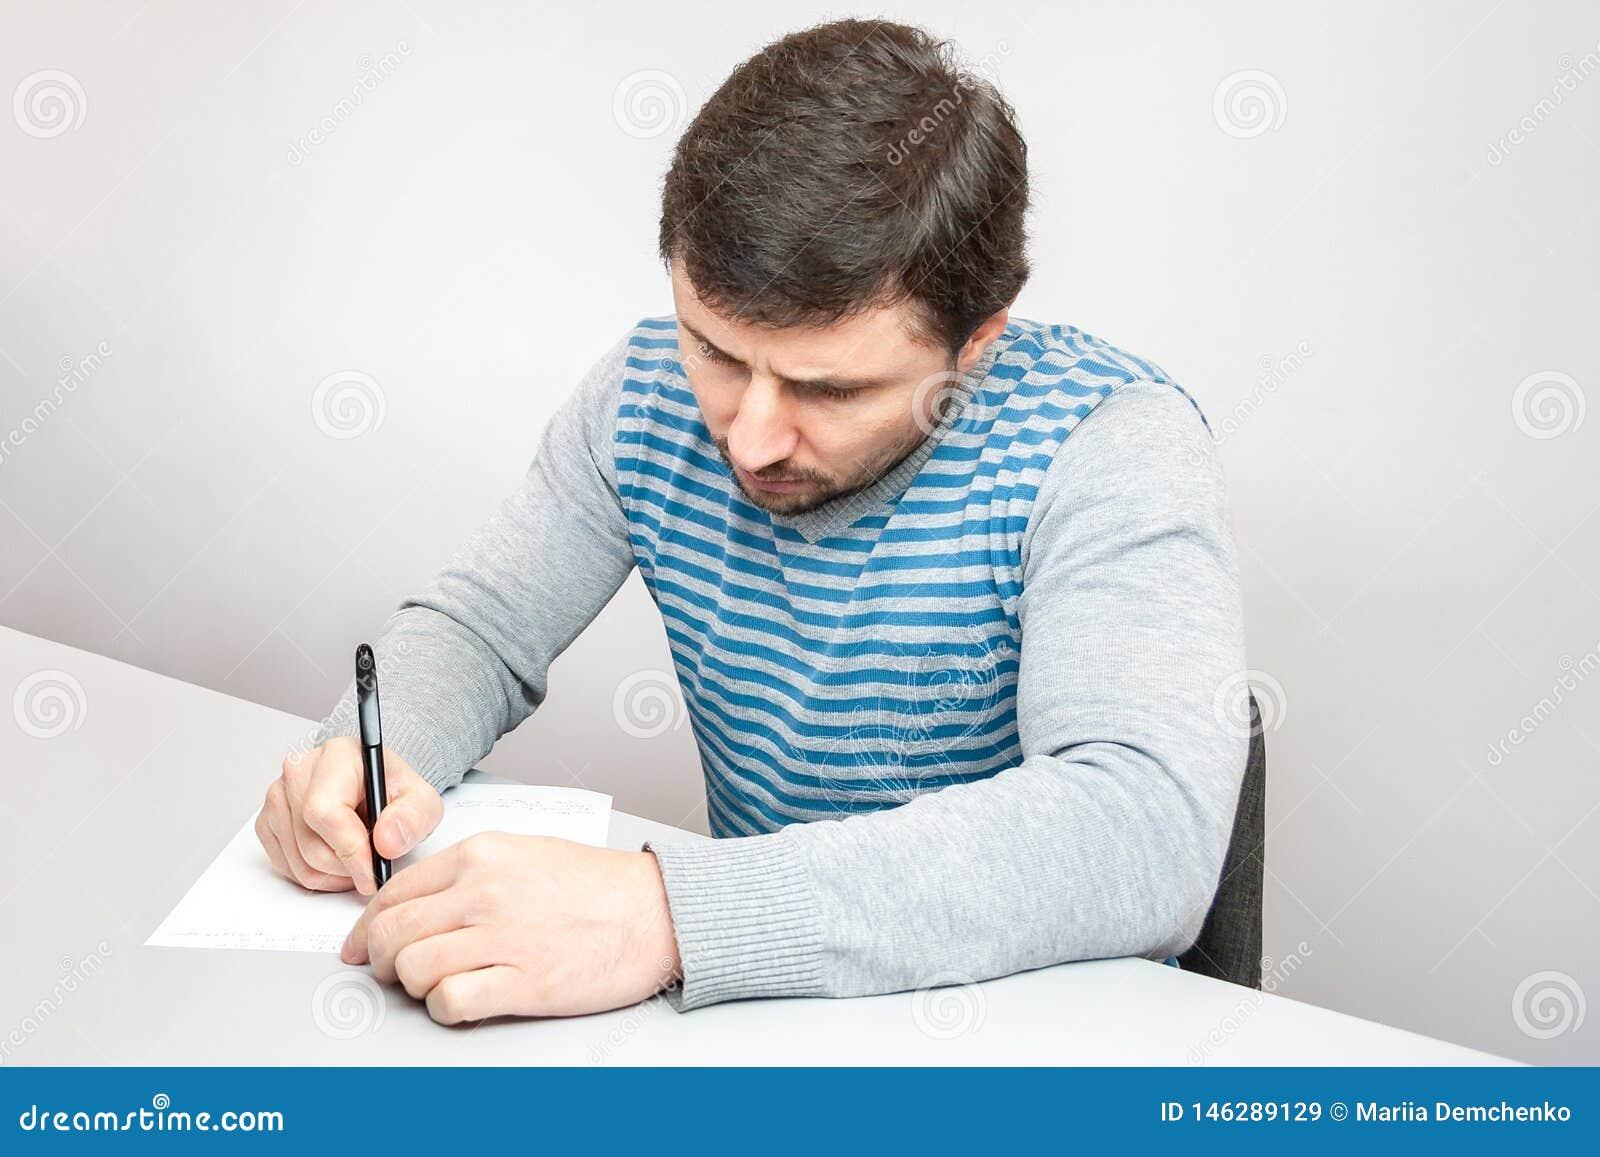 Hübscher durchdachter Mann in einer gestreiften Strickjacke sitzt am Tisch und schreibt mit einem Stift auf Papier